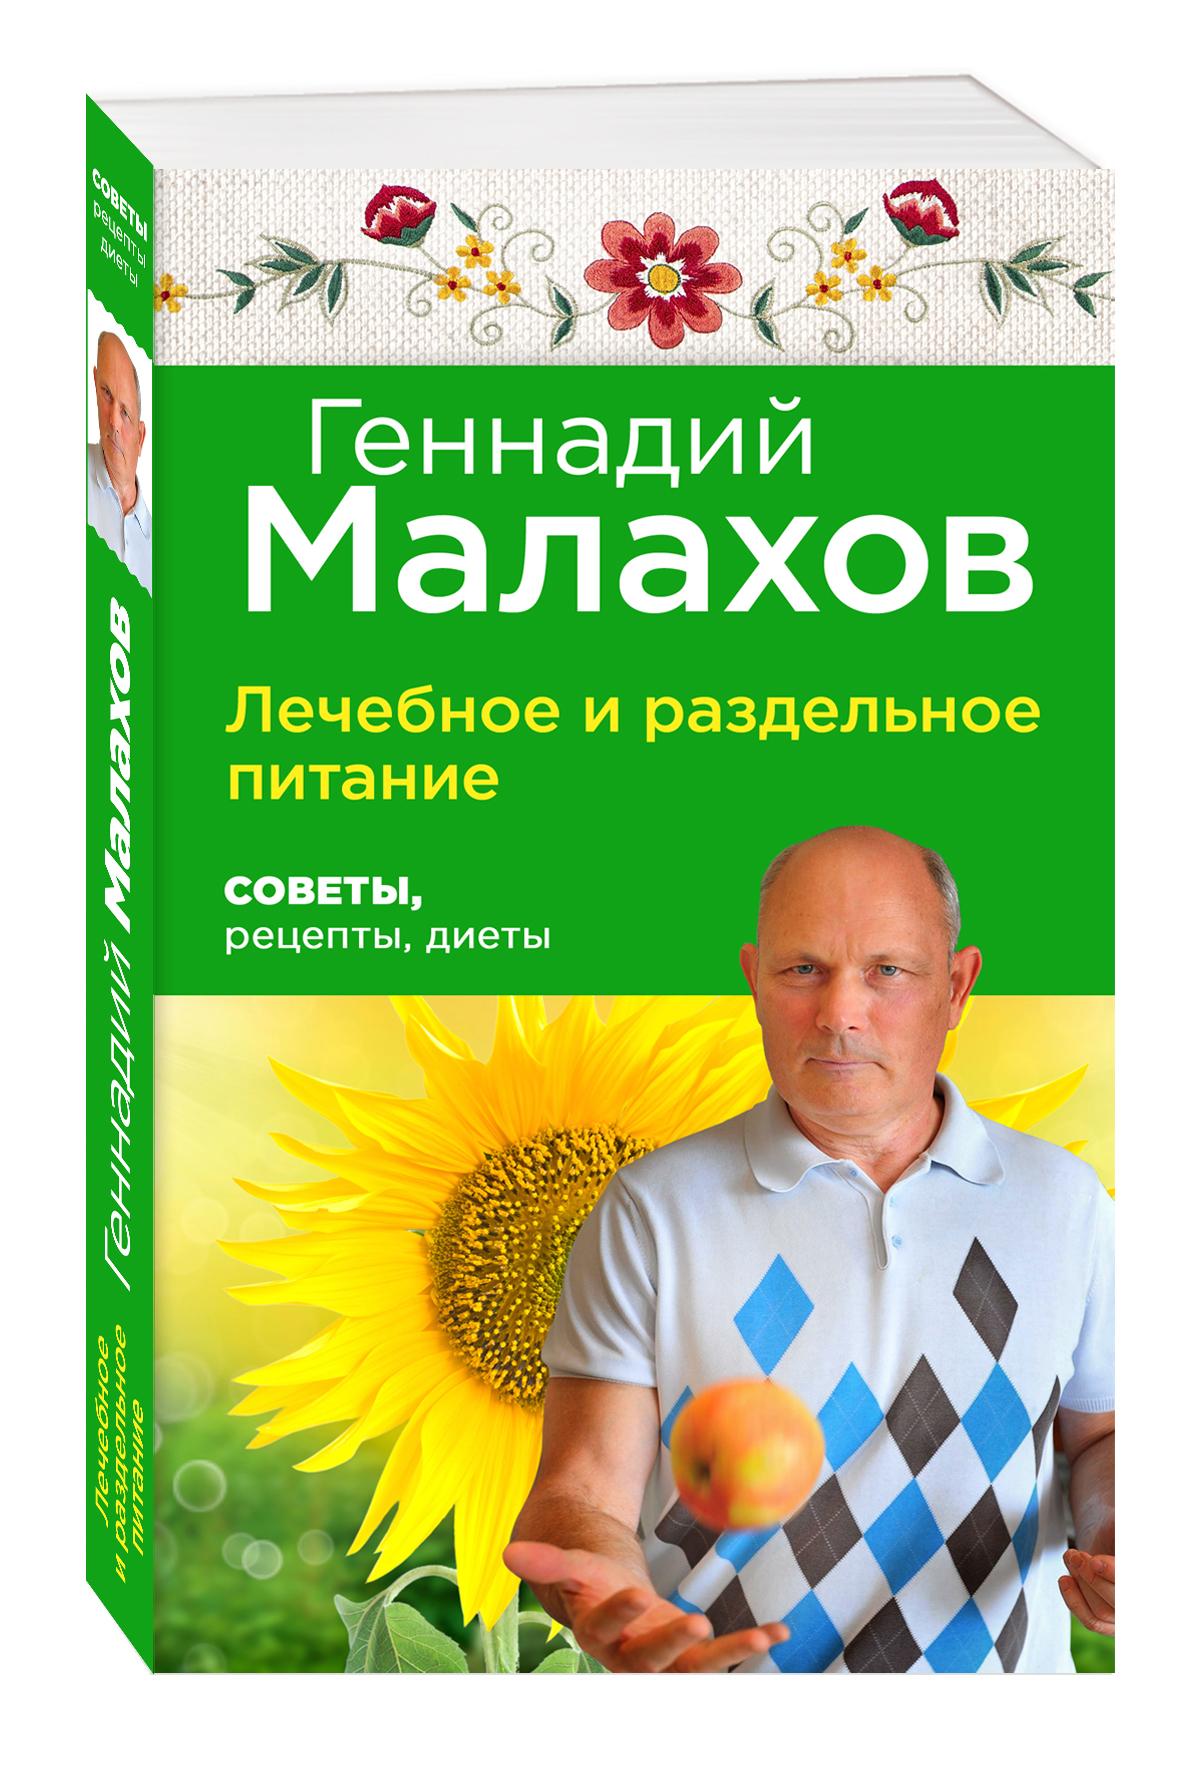 Для Похудения Советы Малахов. Диета Малахова